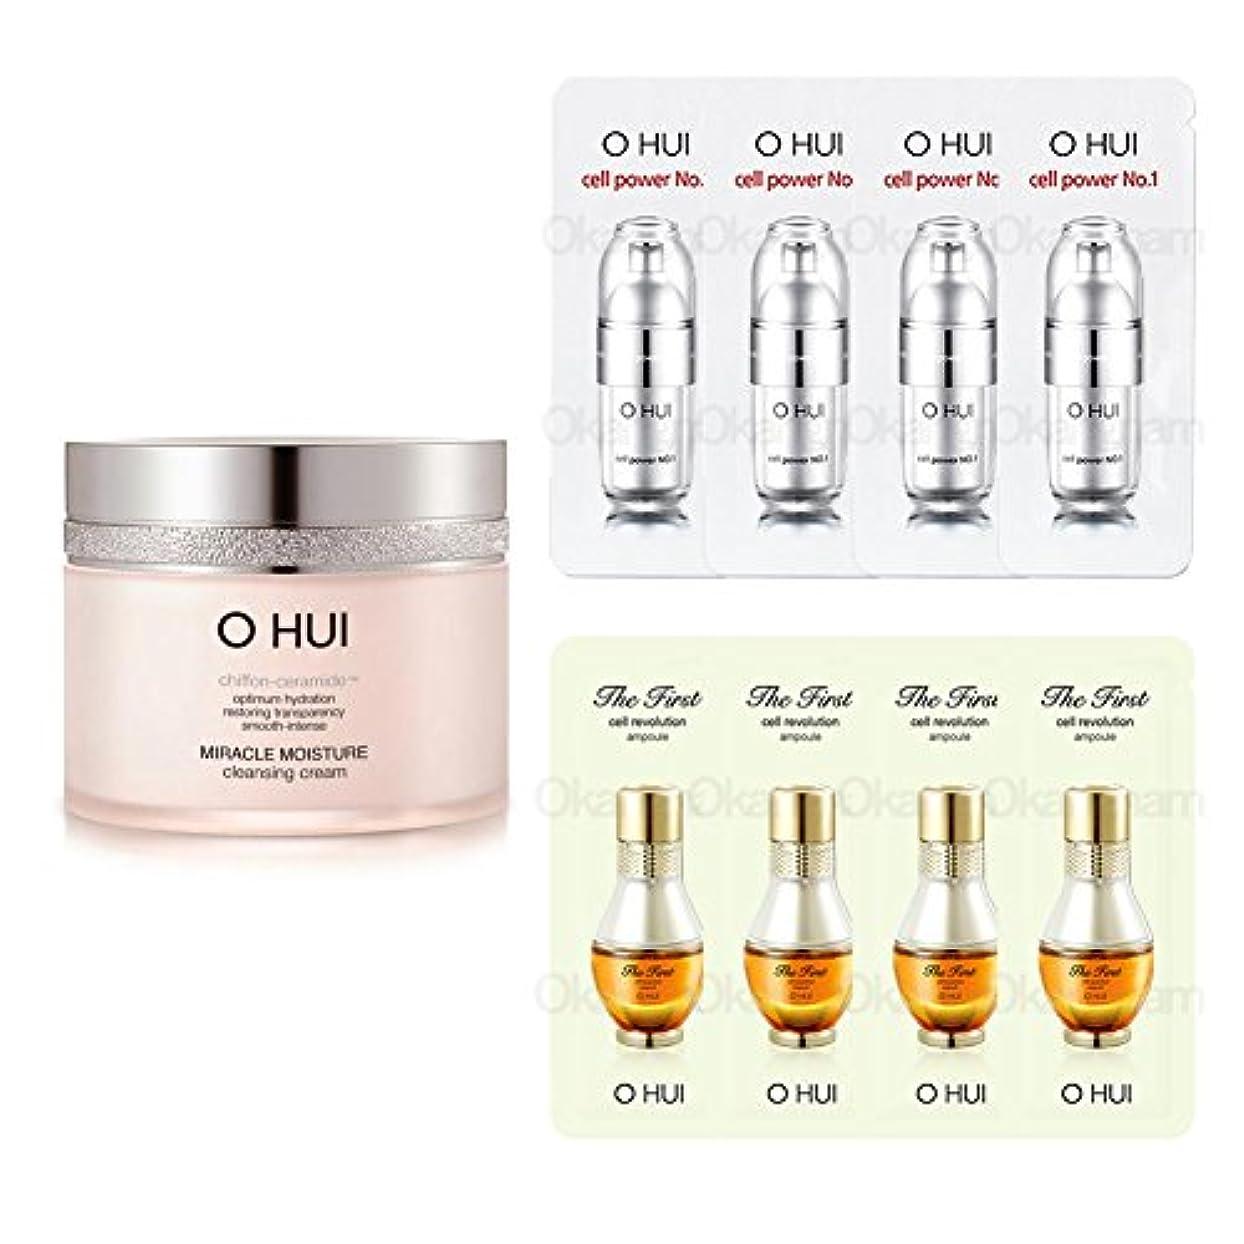 決して細部小道具[オフィ/ O HUI]韓国化粧品 LG生活健康/OHUI Miracle Moisture Cleansing Cream/ミラクル モイスチャー クレンジング クリーム200ml +[Sample Gift](海外直送品)